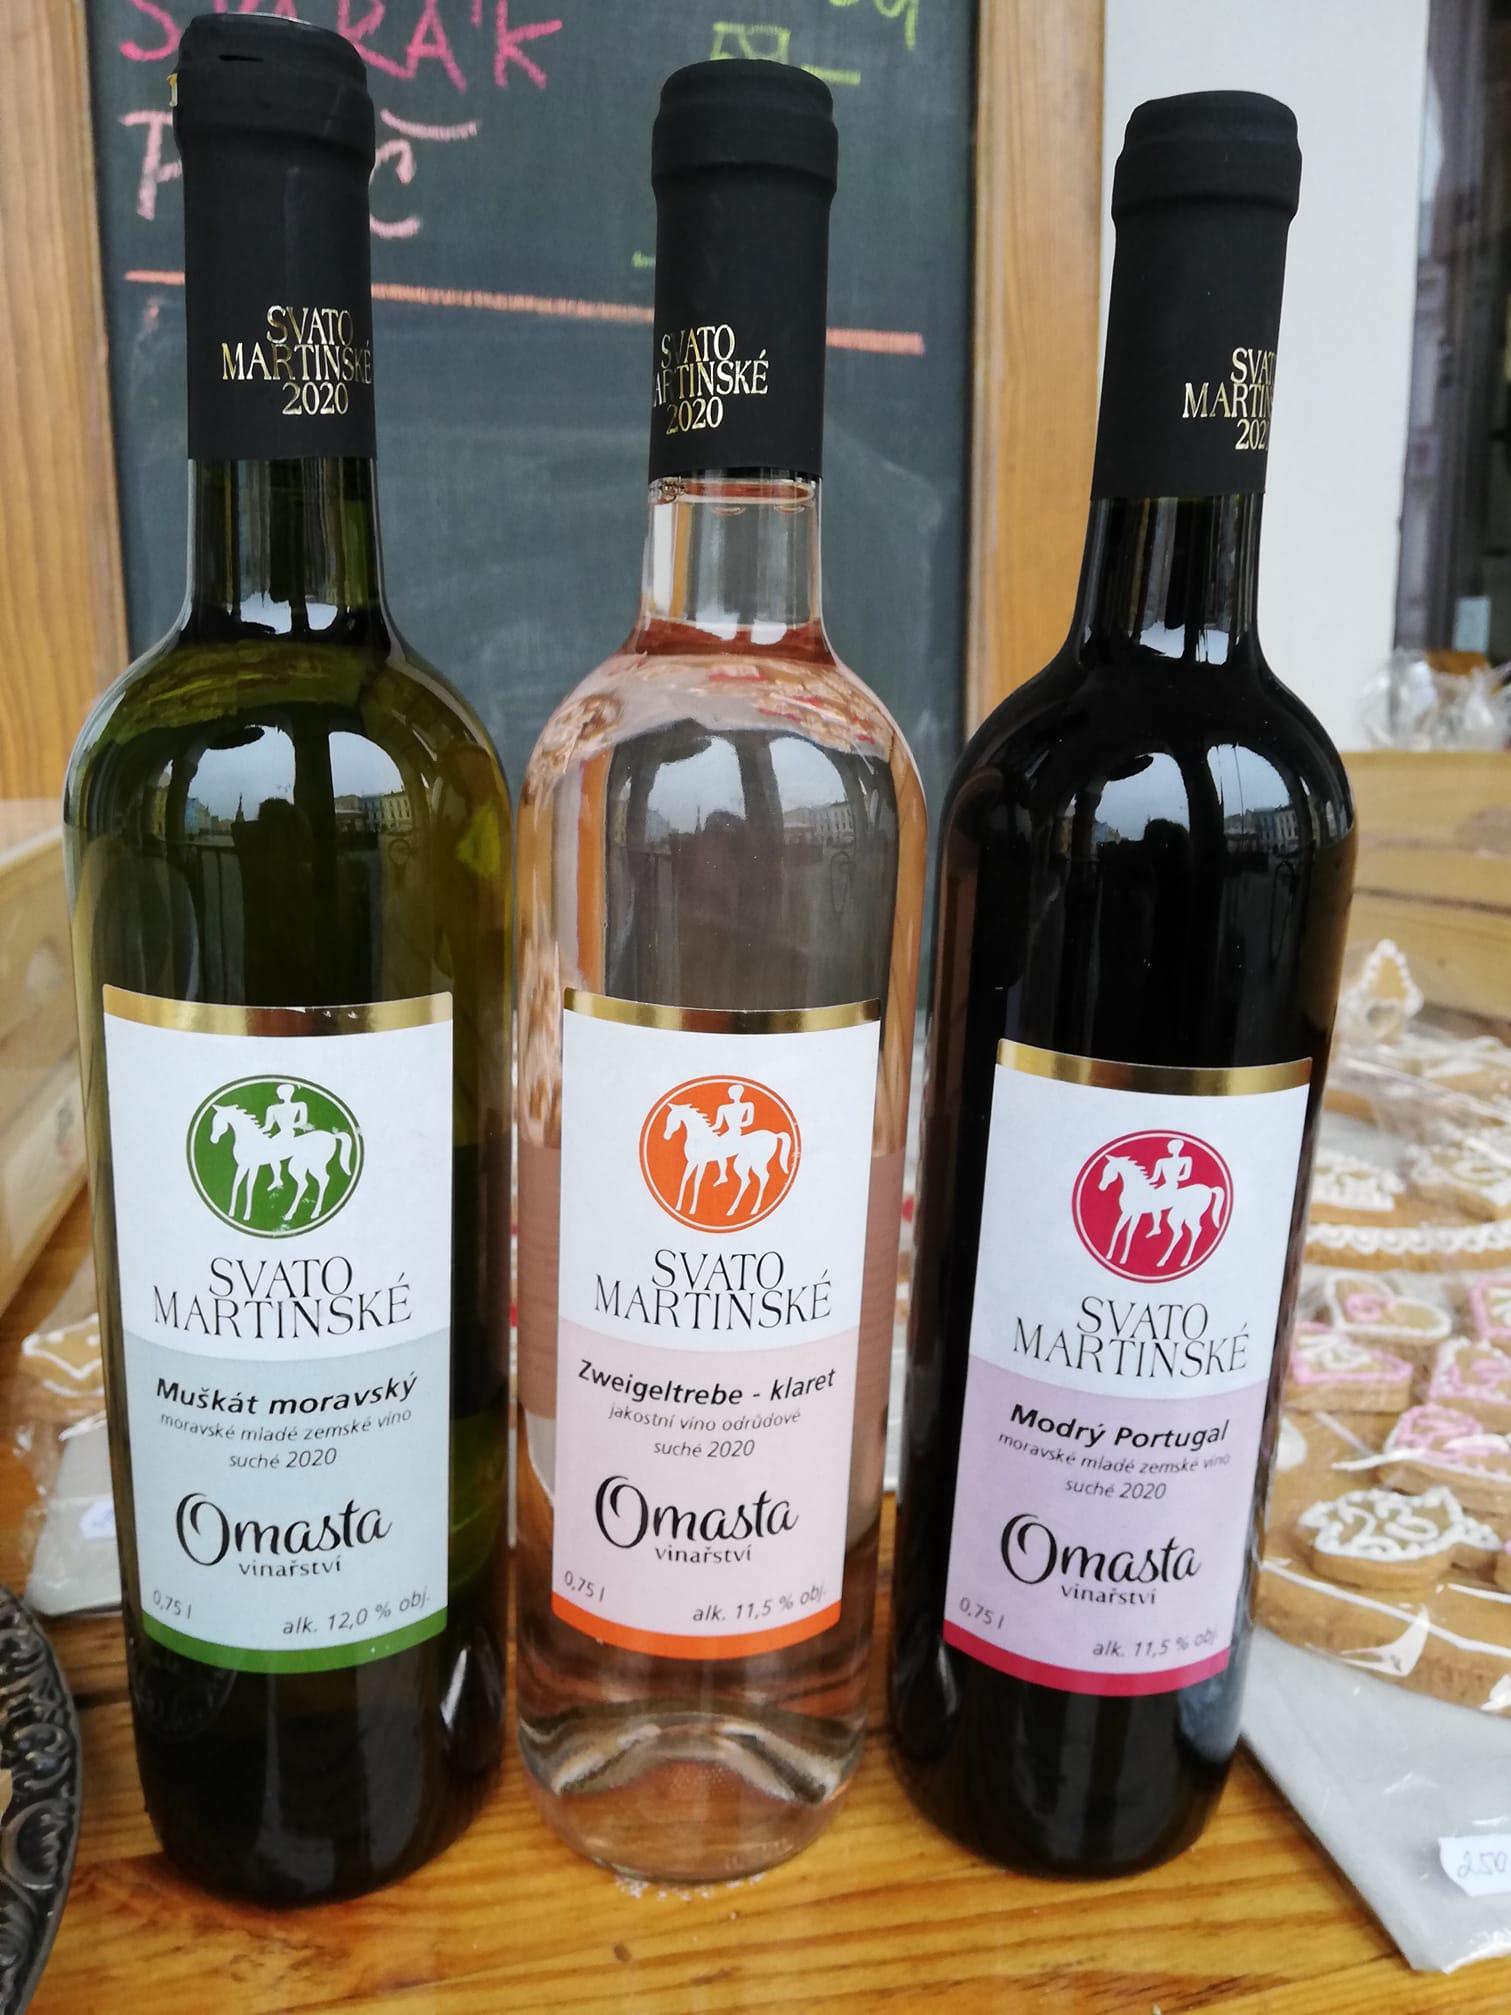 Svatomartinská vína a poslední burčák u Střapaté Bohunky